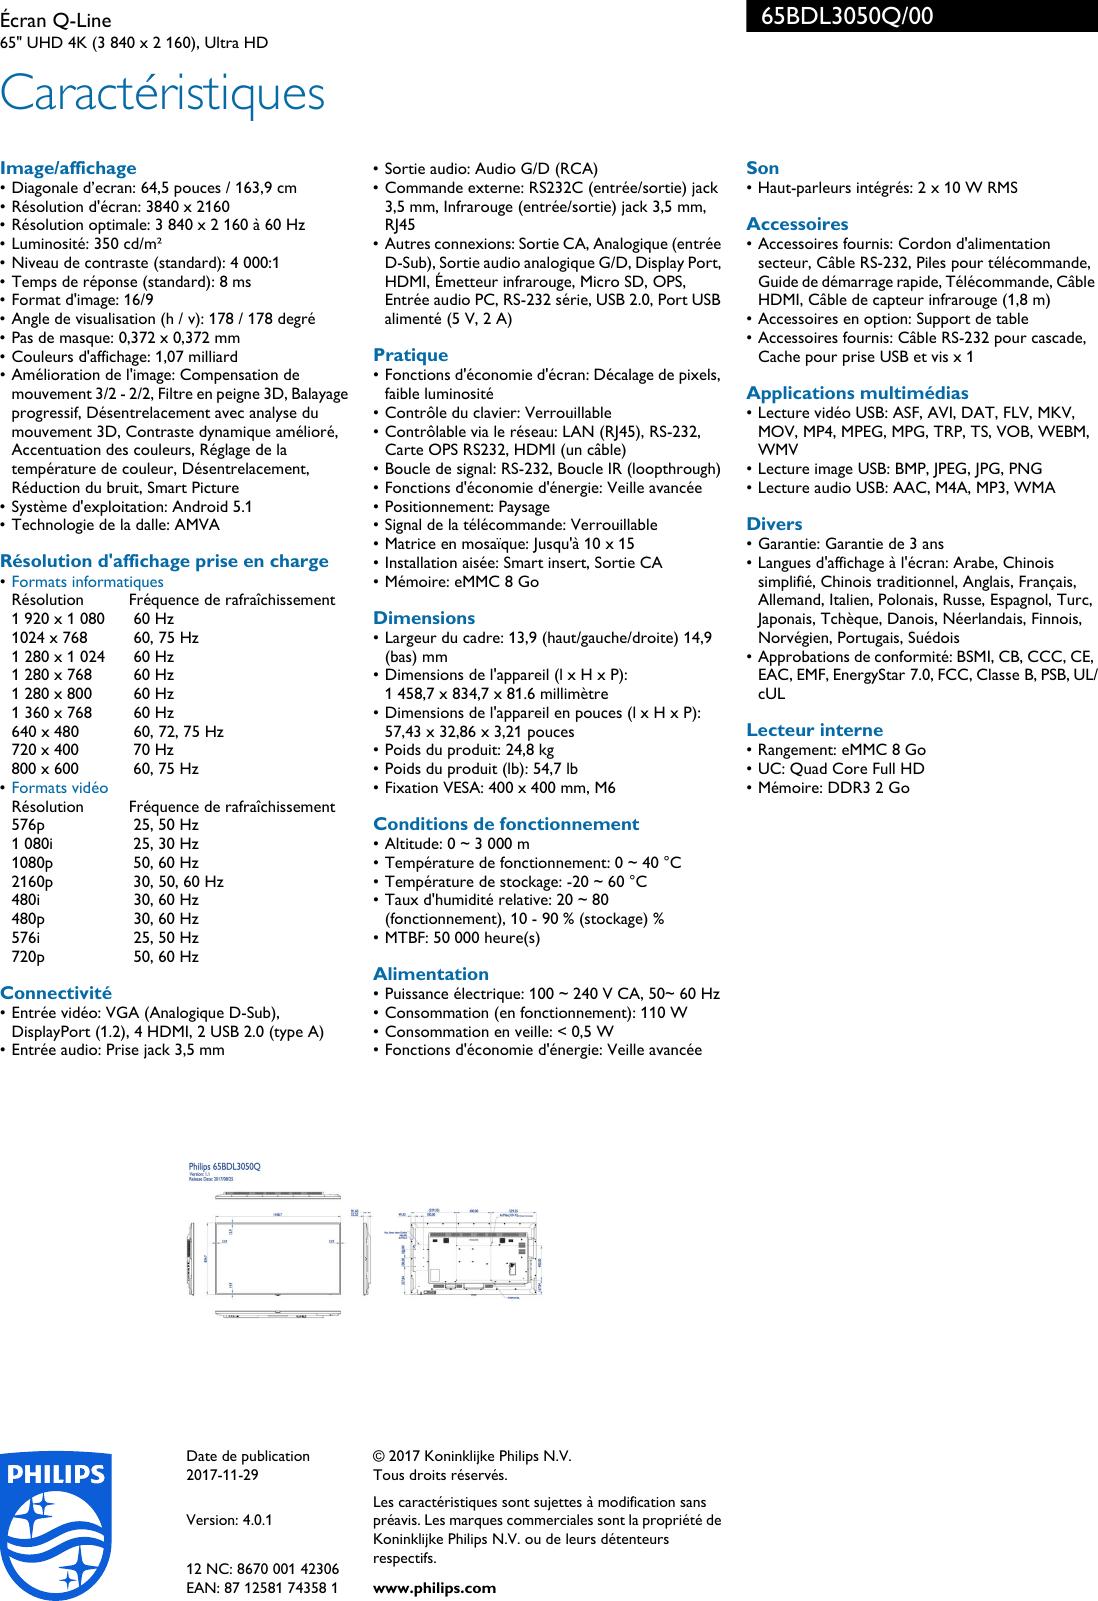 Philips 65BDL3050Q/00 Leaflet 65BDL3050Q_00 Released